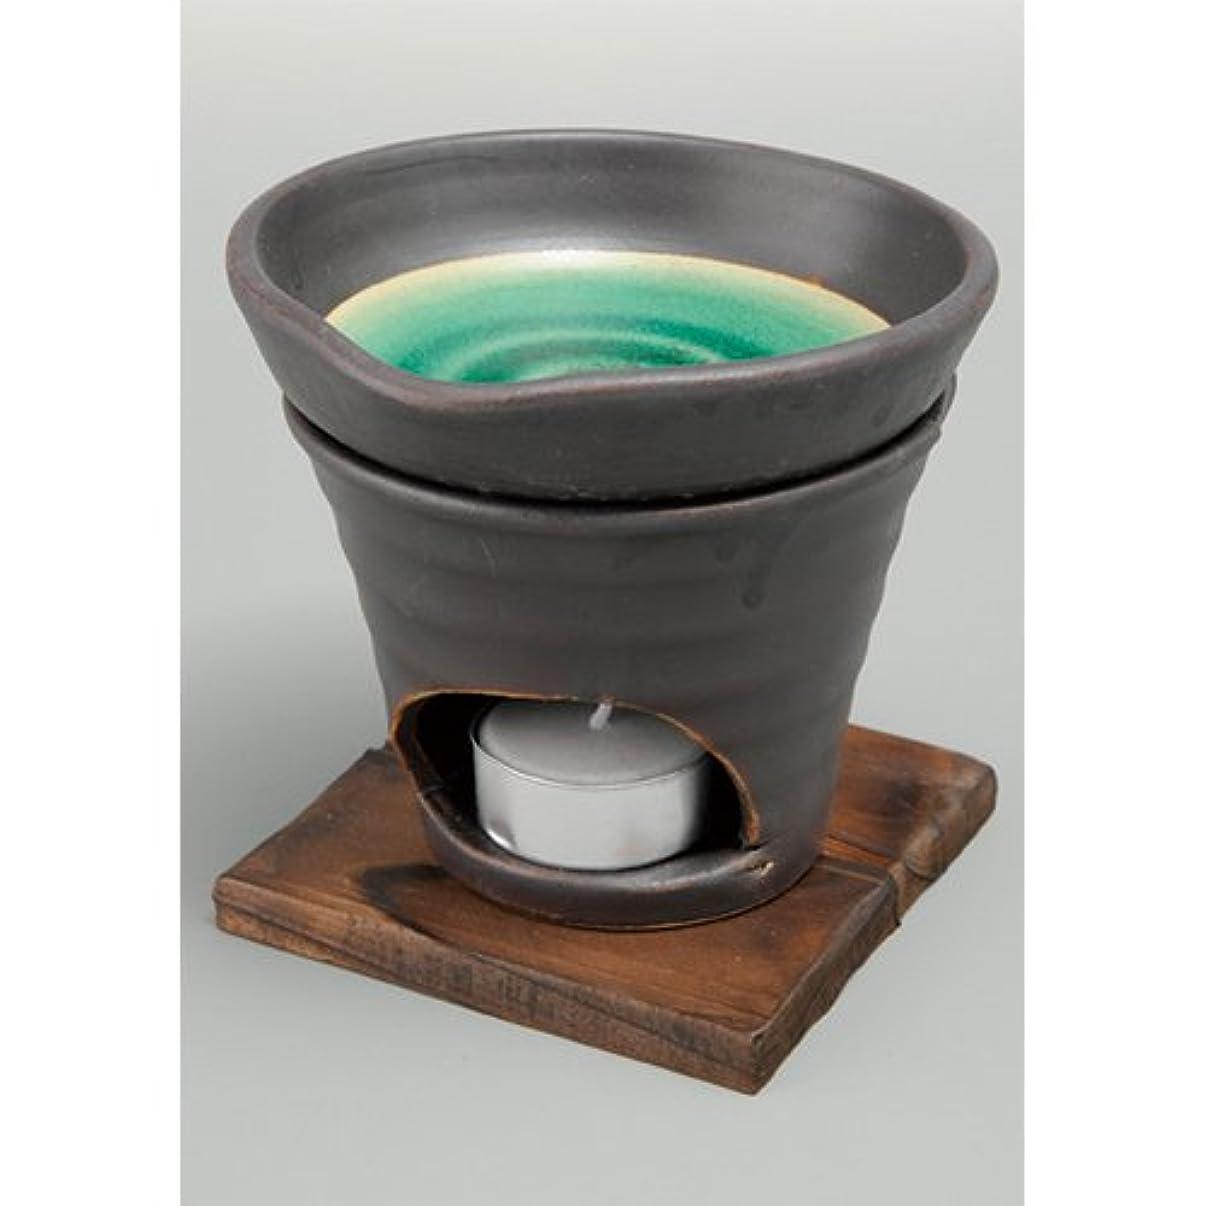 それから実験をする脈拍香炉 黒釉 茶香炉(緑) [R11.8xH11.5cm] HANDMADE プレゼント ギフト 和食器 かわいい インテリア